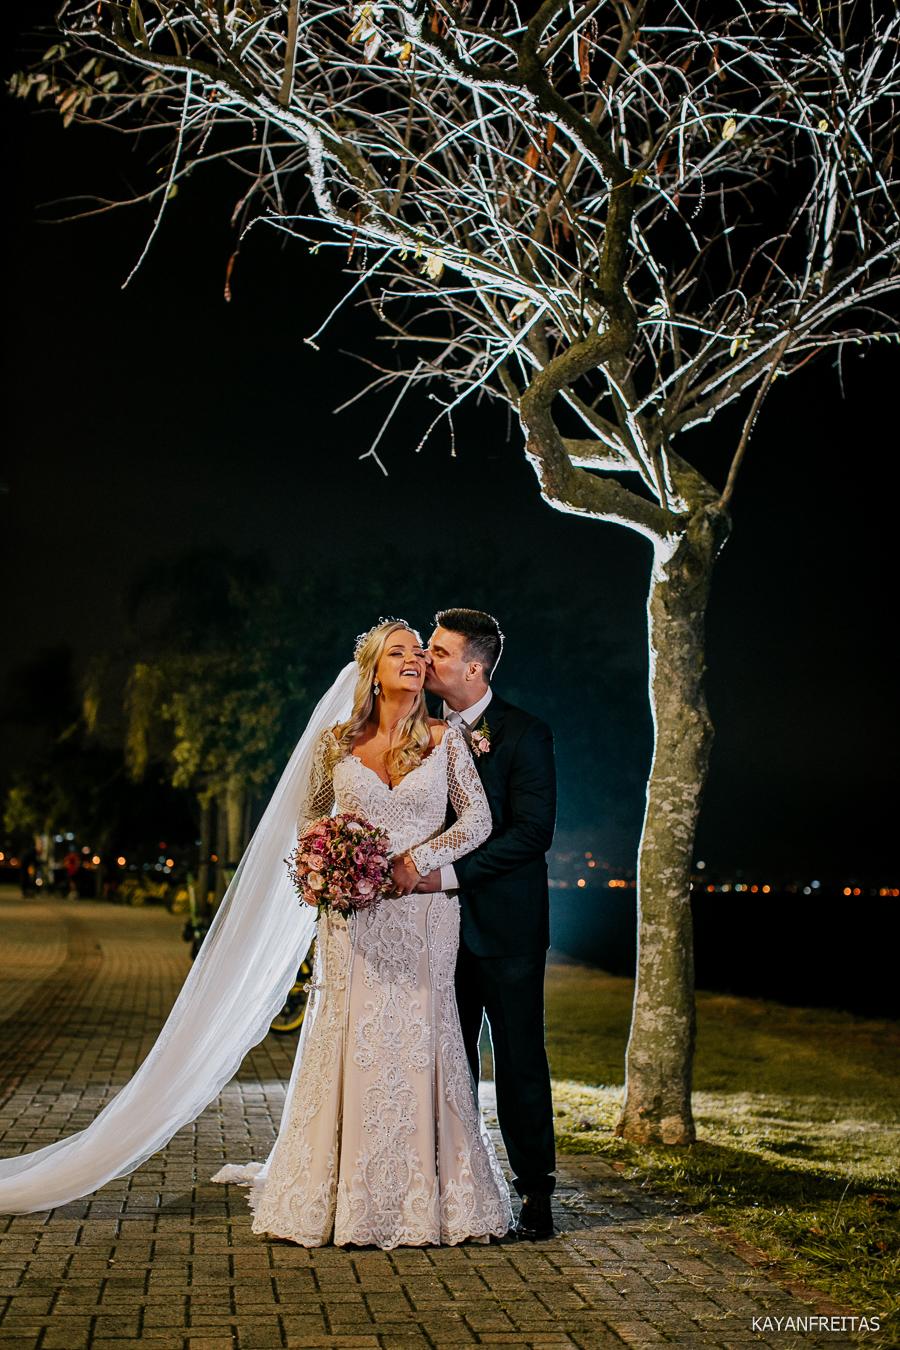 nati-ruan-casamento-0092 Casamento Natália e Ruan - Florianópolis